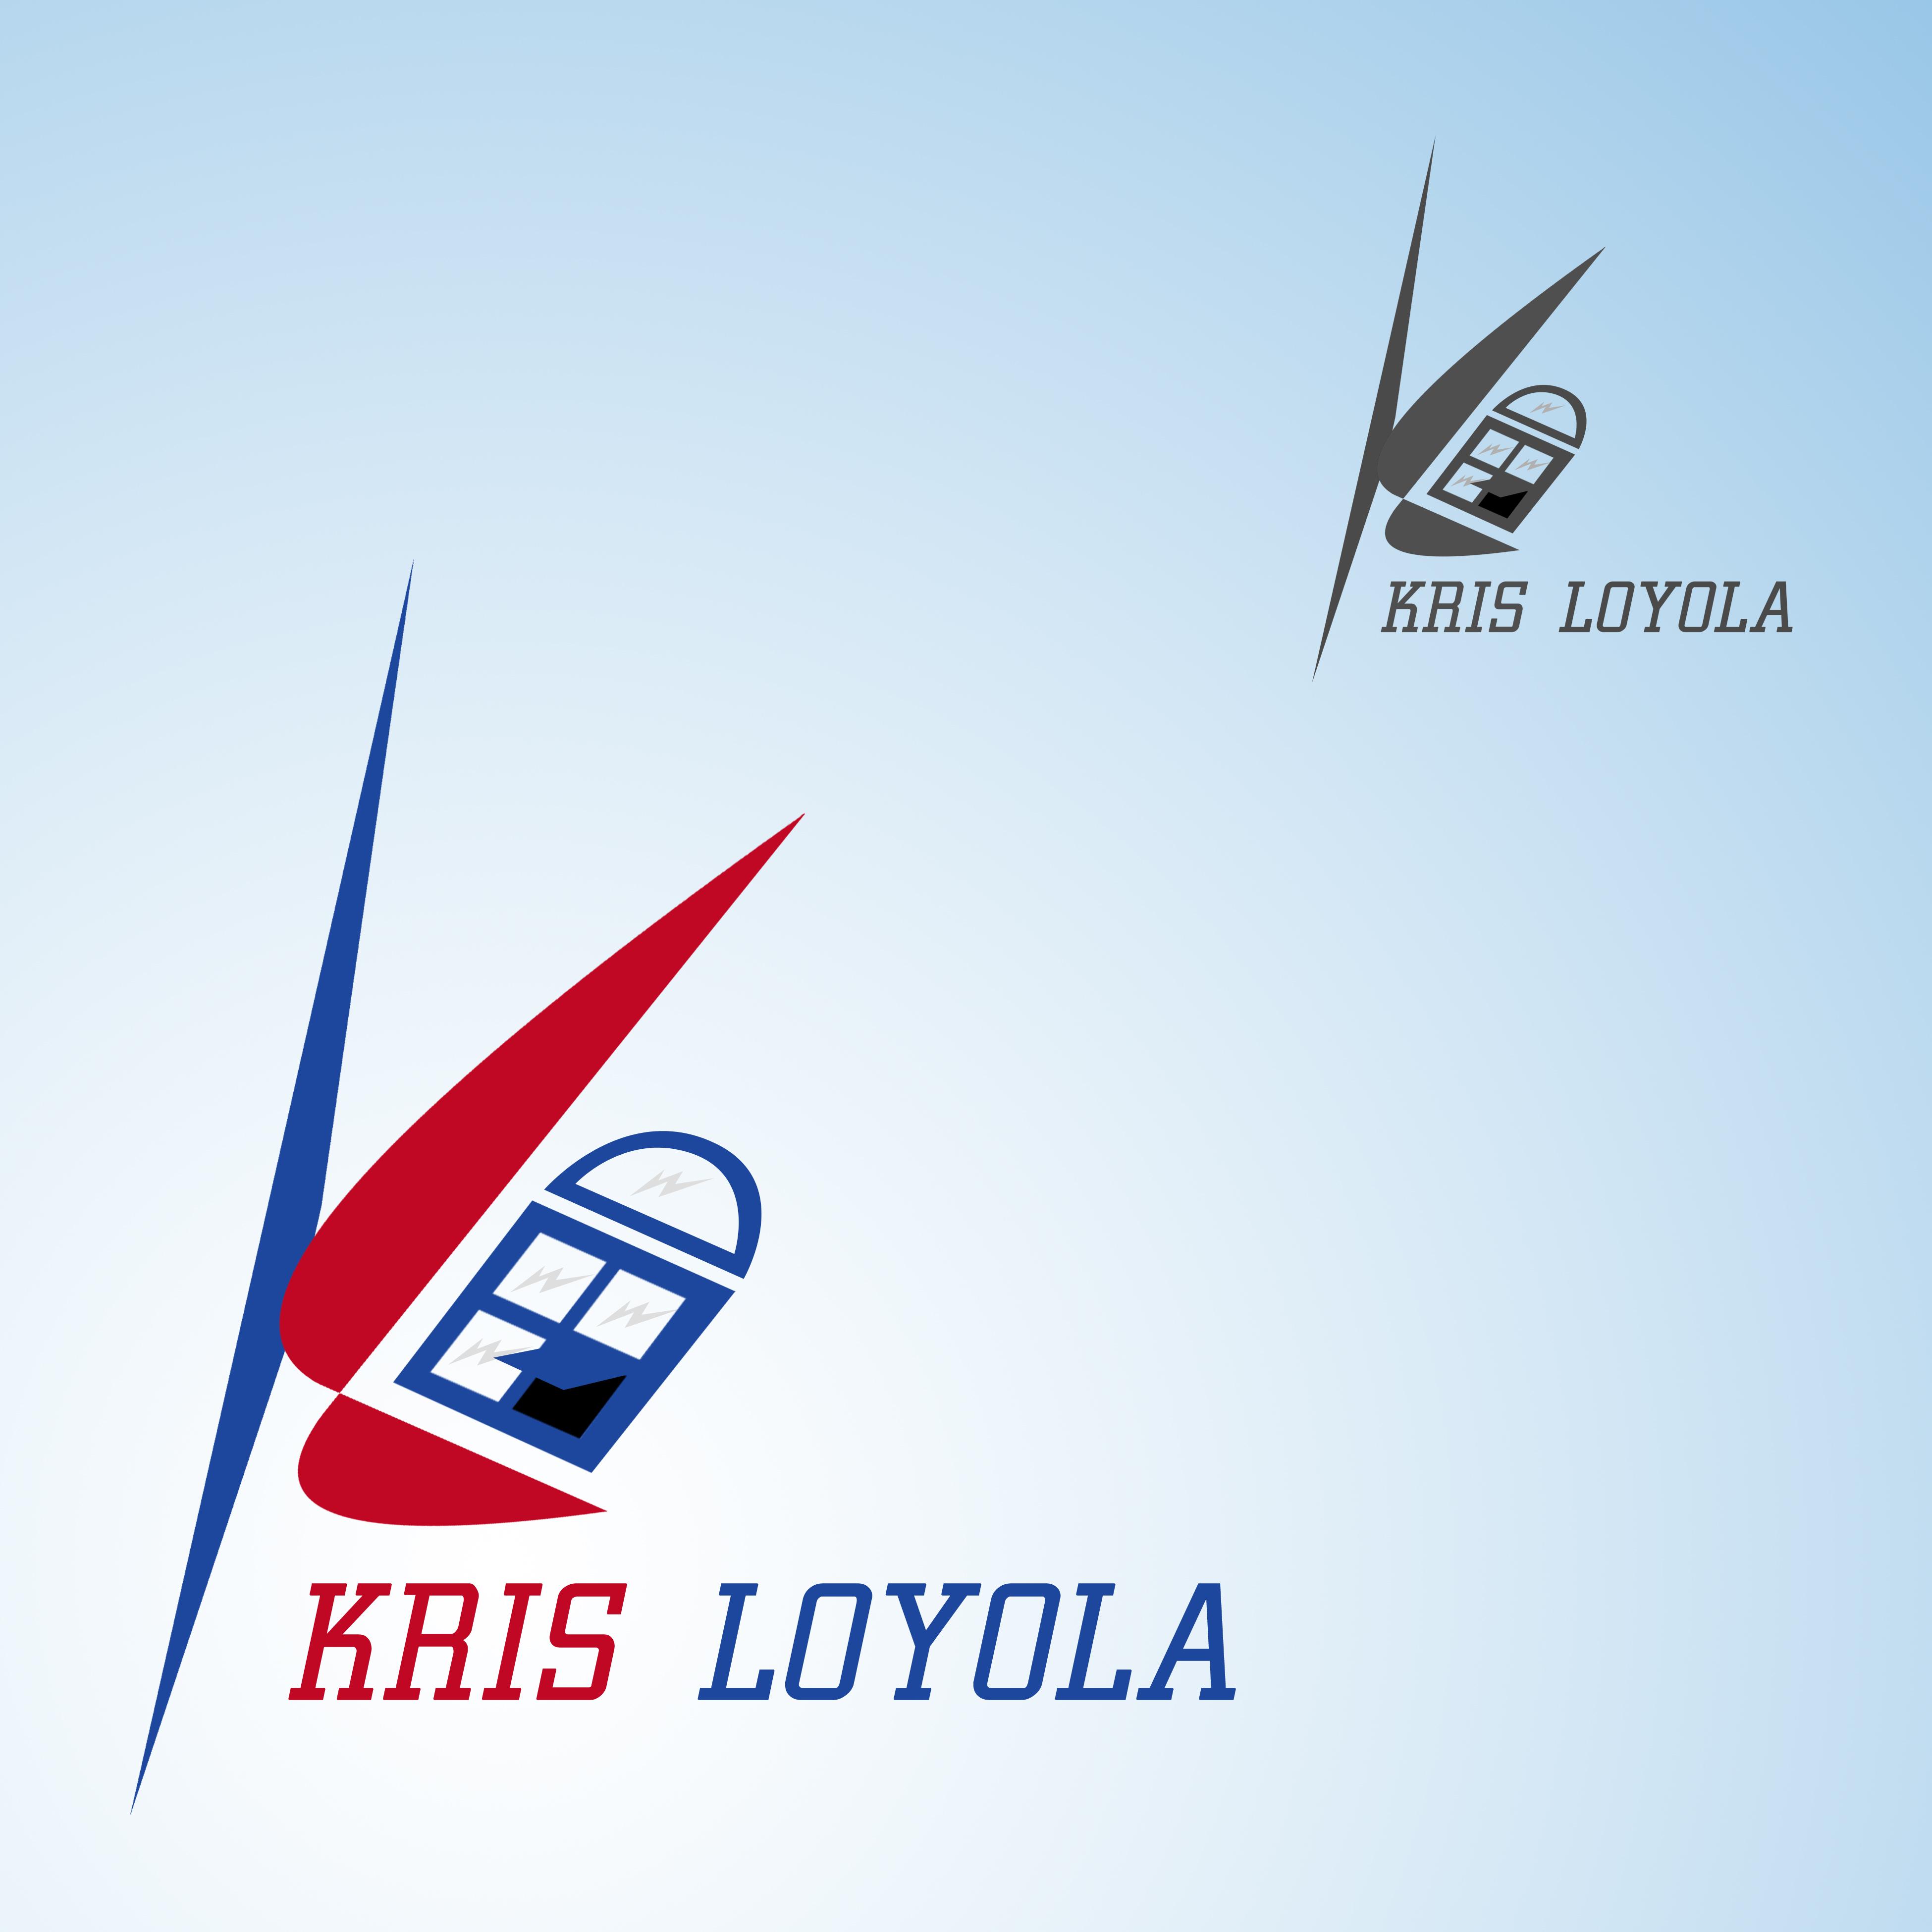 Logo Design by Cesar III Sotto - Entry No. 137 in the Logo Design Contest Kris Loyola Logo Design.